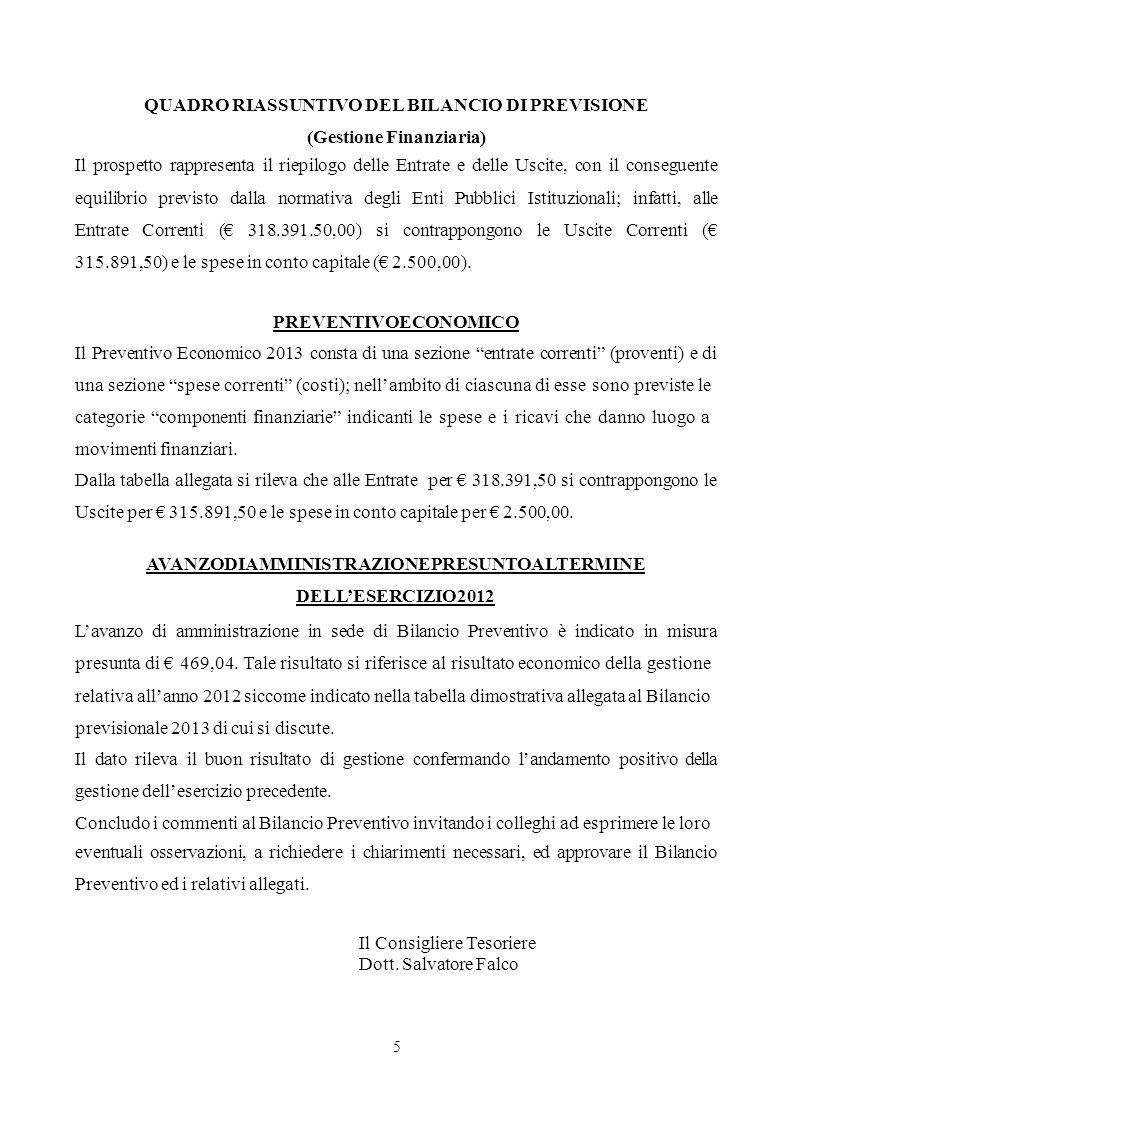 QUADRO RIASSUNTIVO DEL BILANCIO DI PREVISIONE (Gestione Finanziaria)